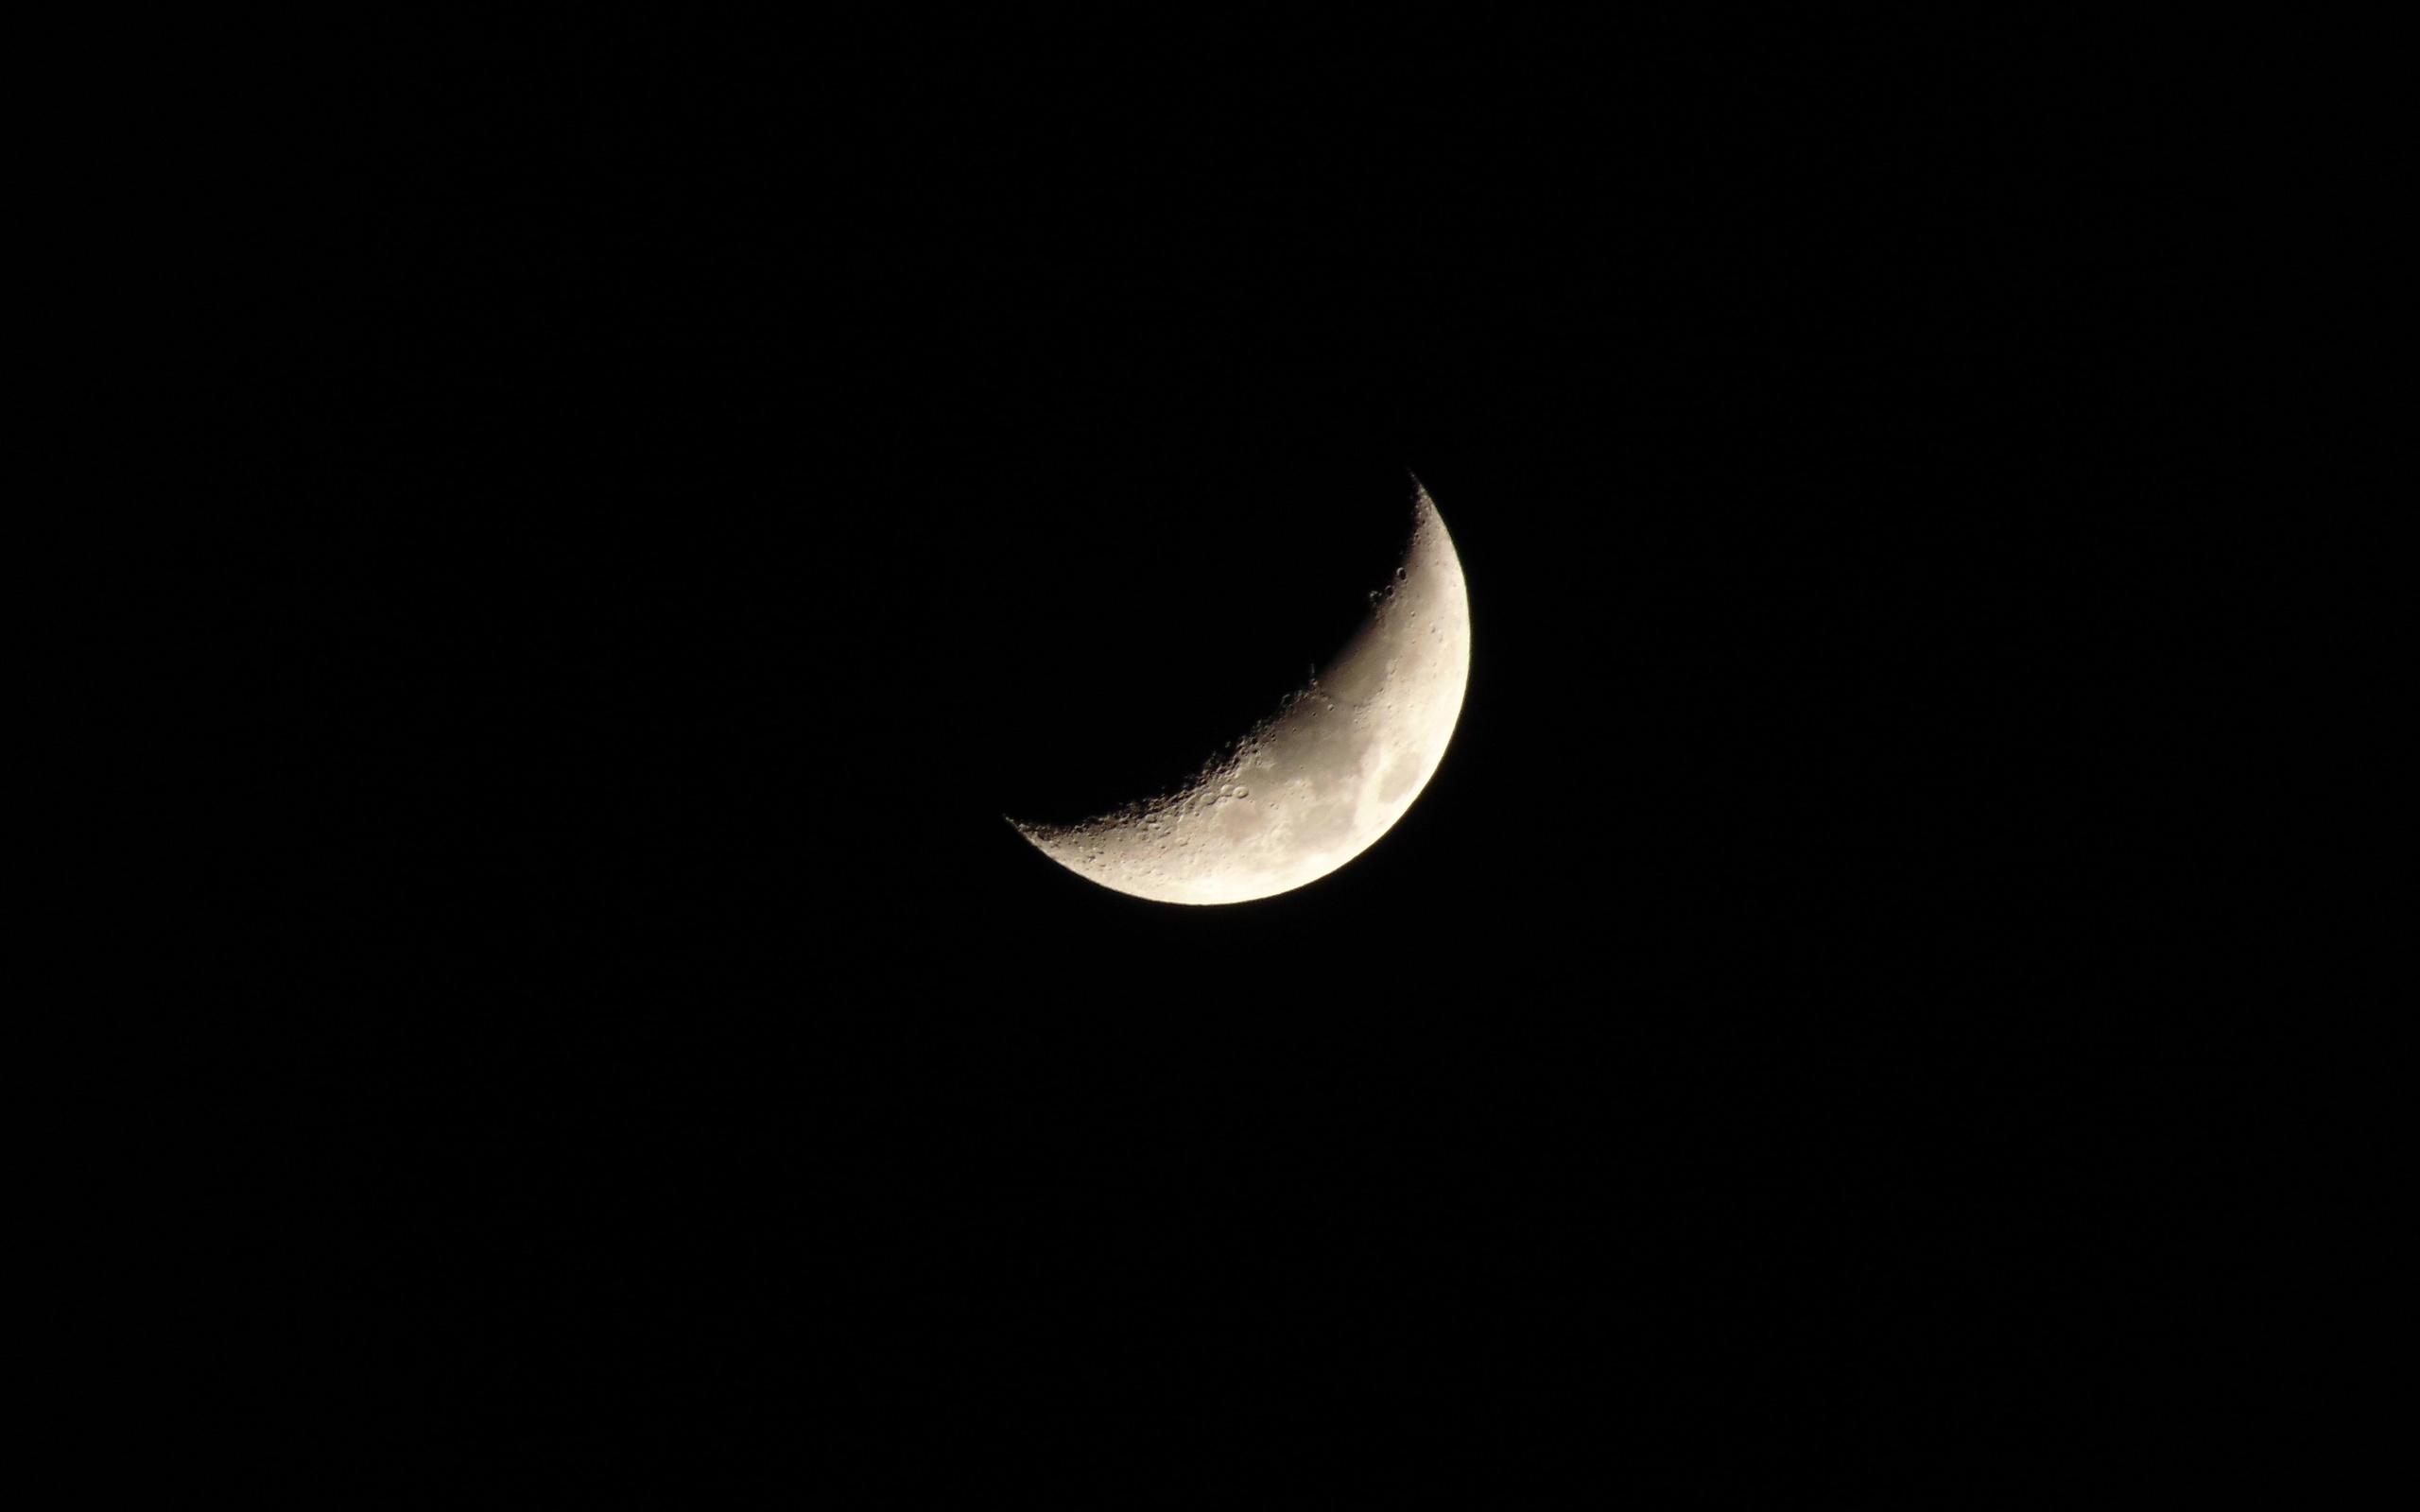 луна, месяц, ночь, черный